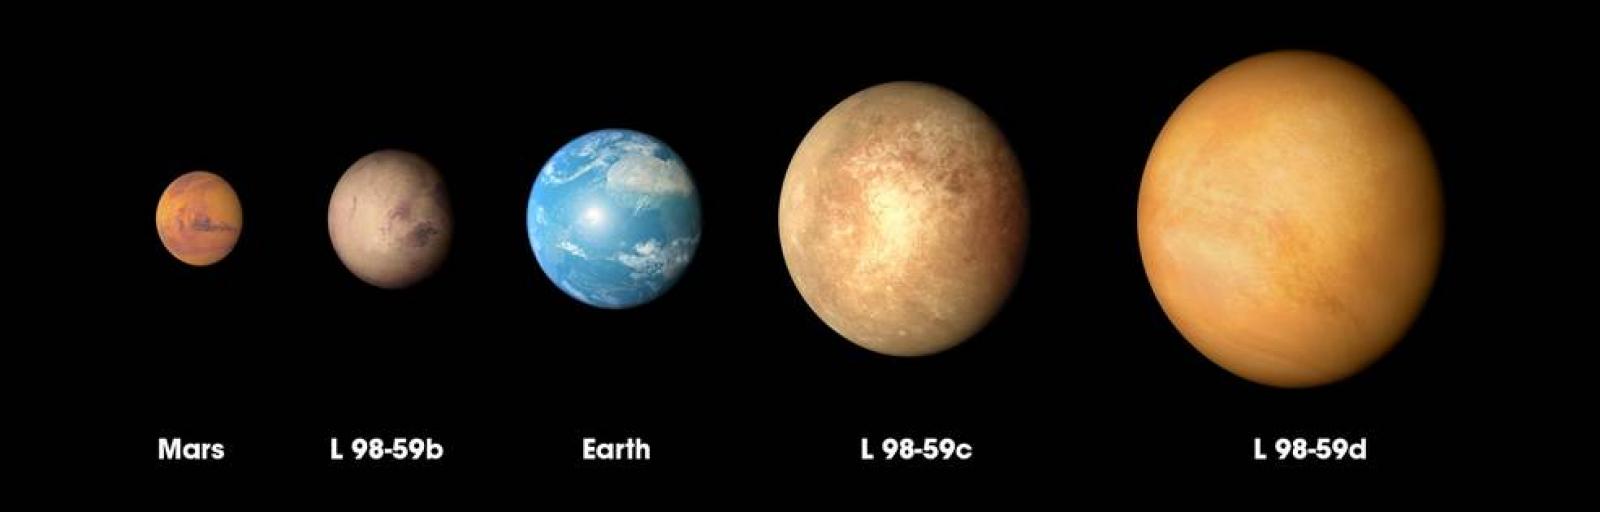 Els darrers planetes descoberts pel TESS en comparació amb la Terra i Mart